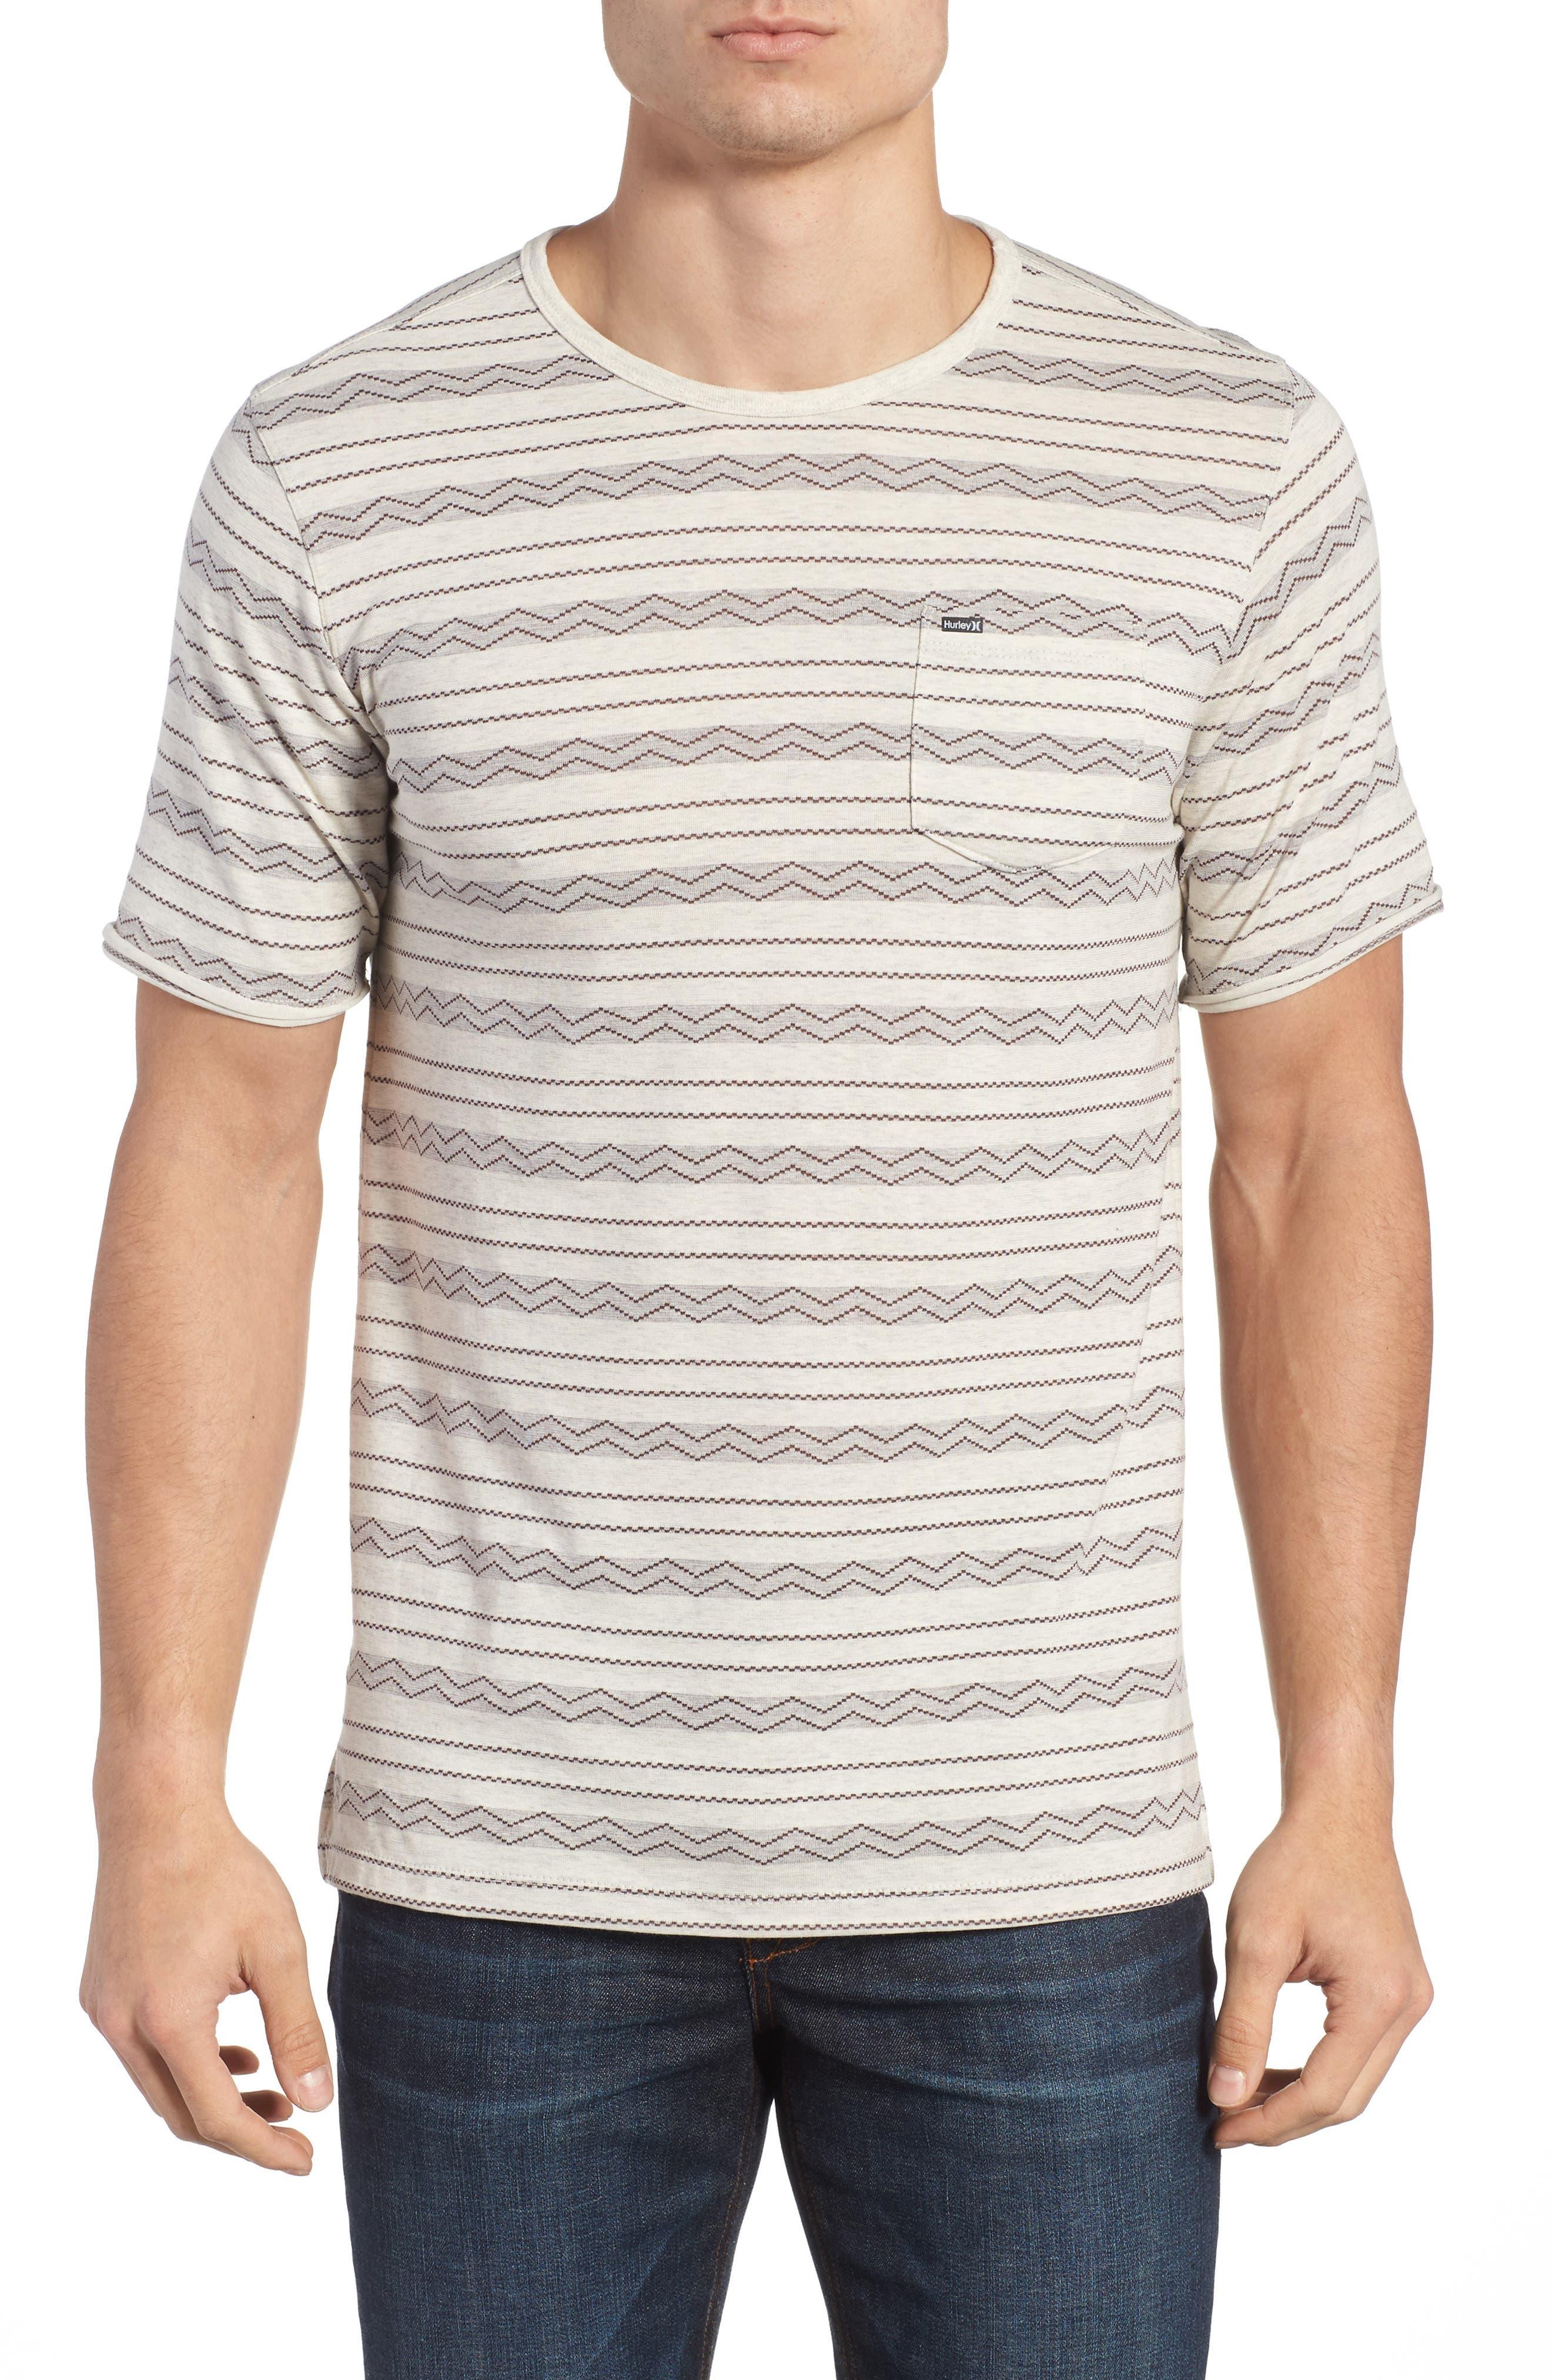 Alternate Image 1 Selected - Hurley Pismo Dri-FIT T-Shirt